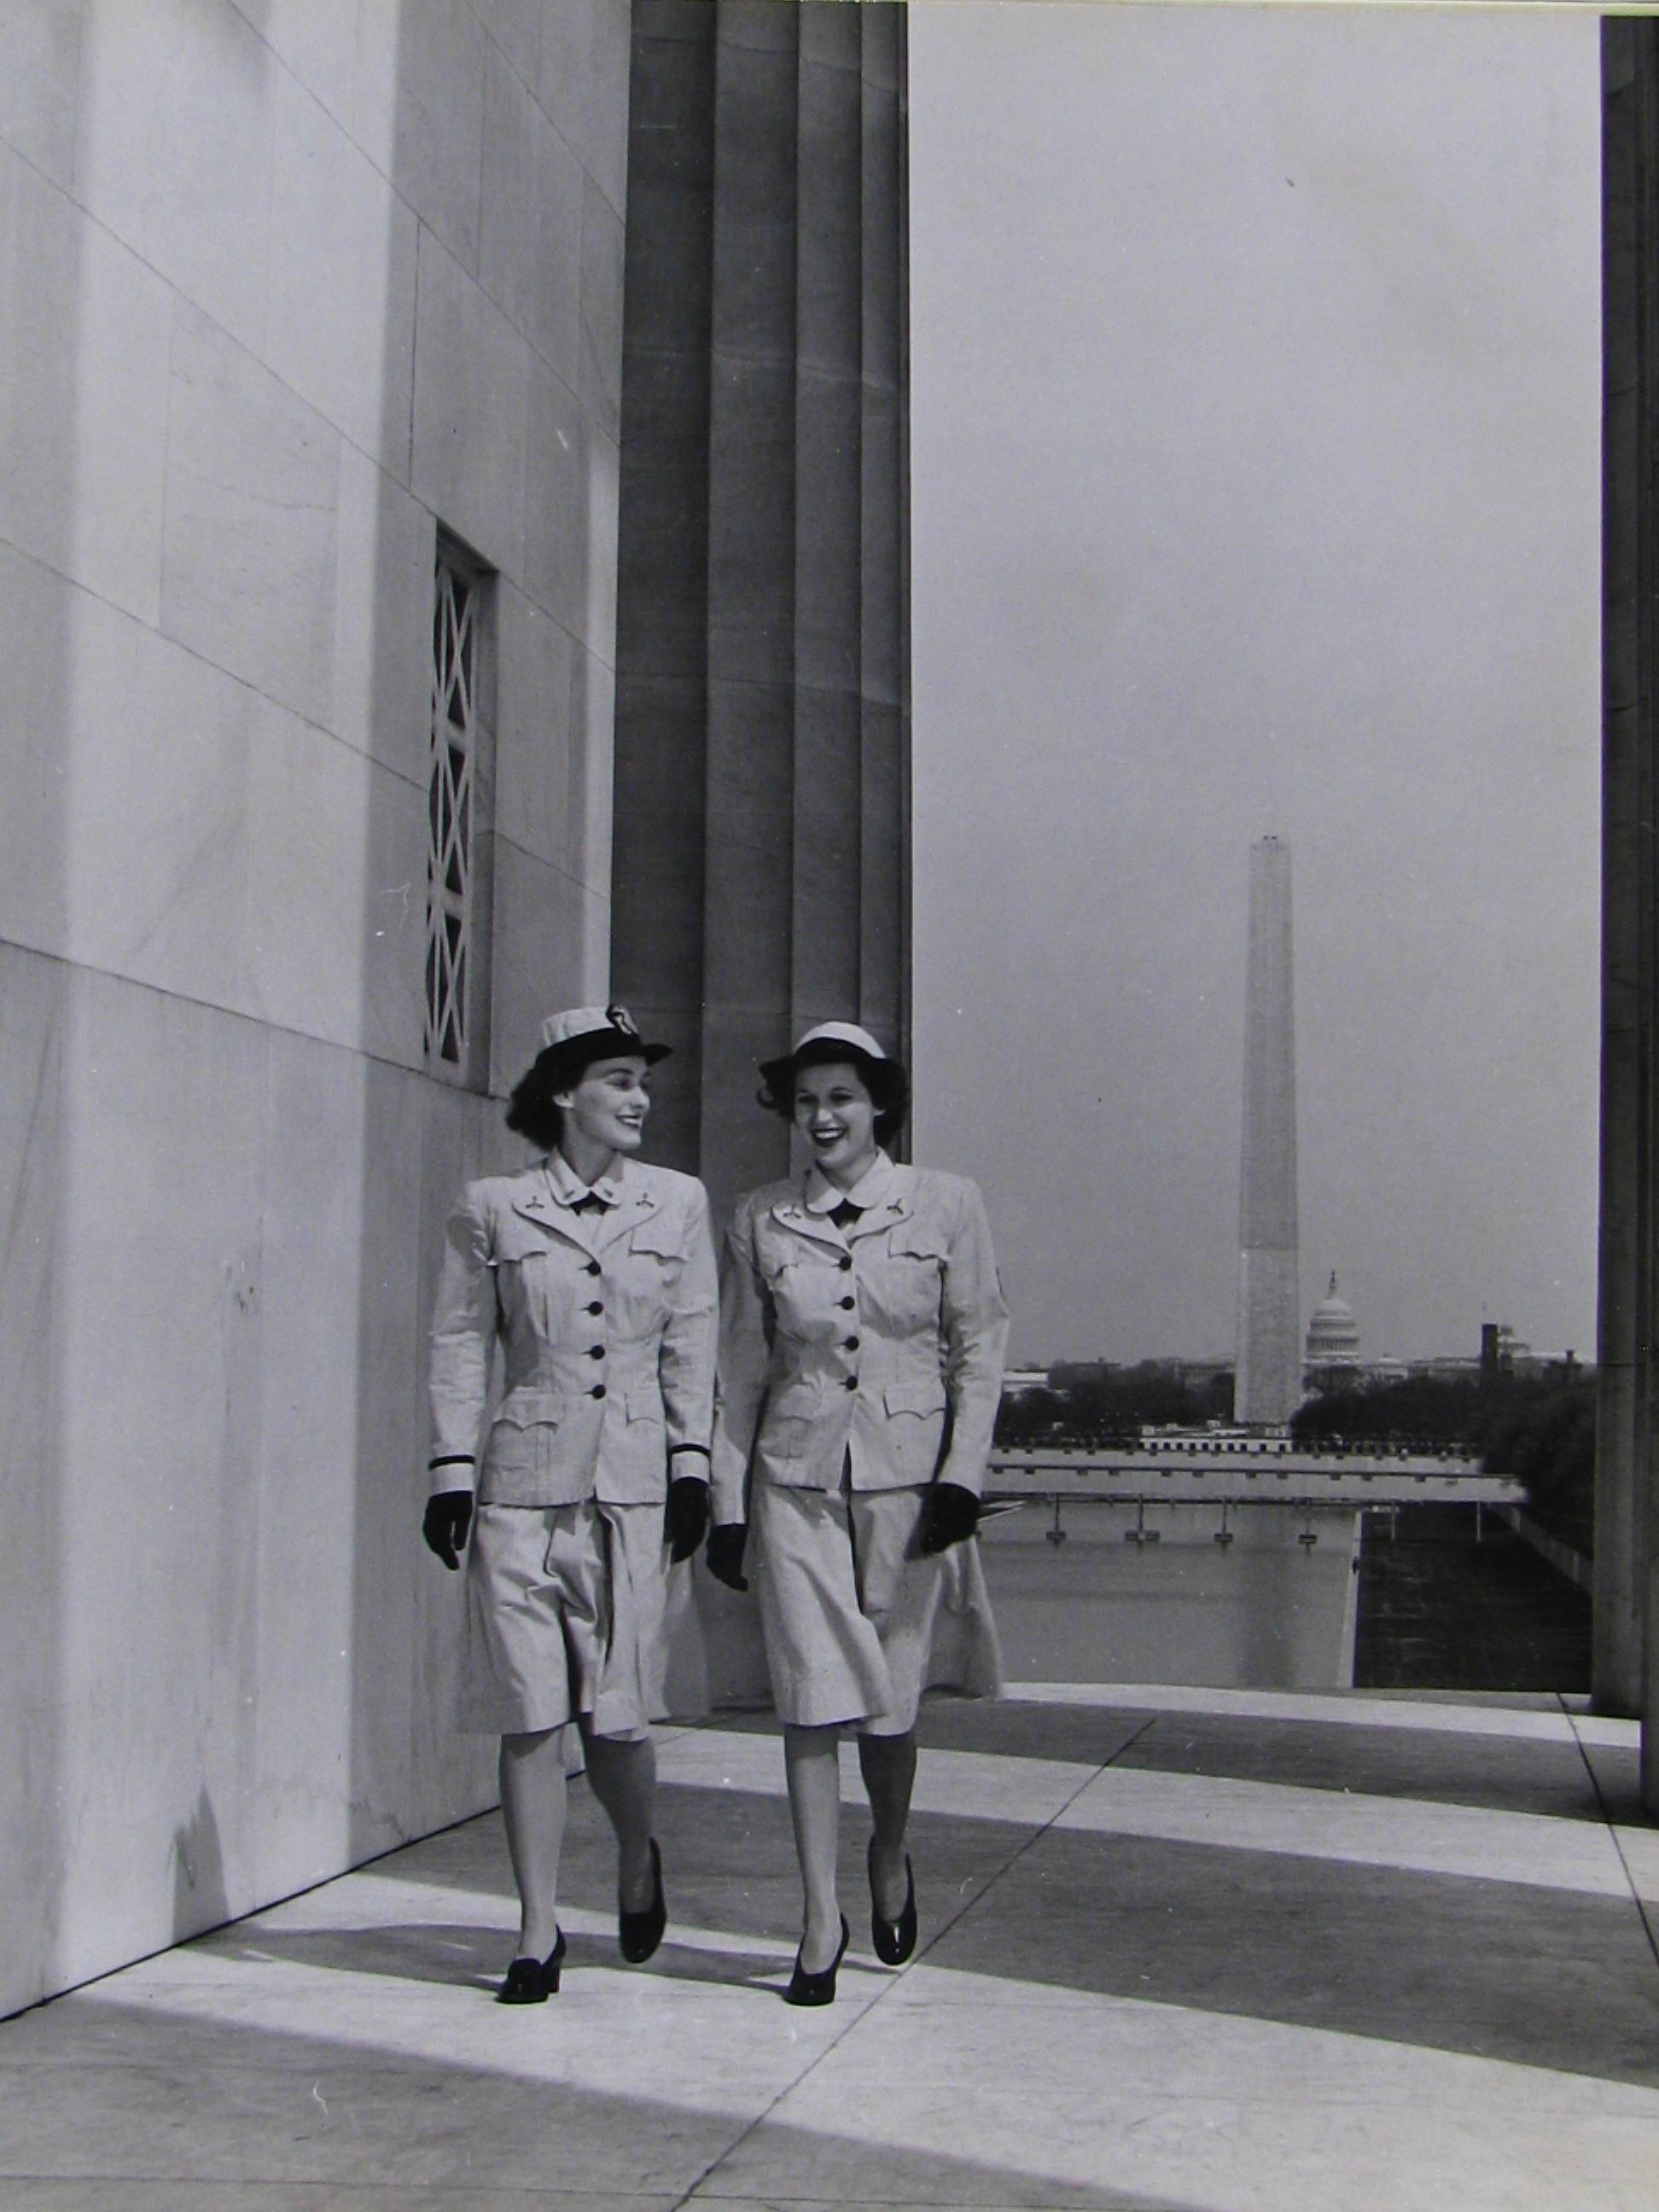 WAVES model new uniforms, D.C.